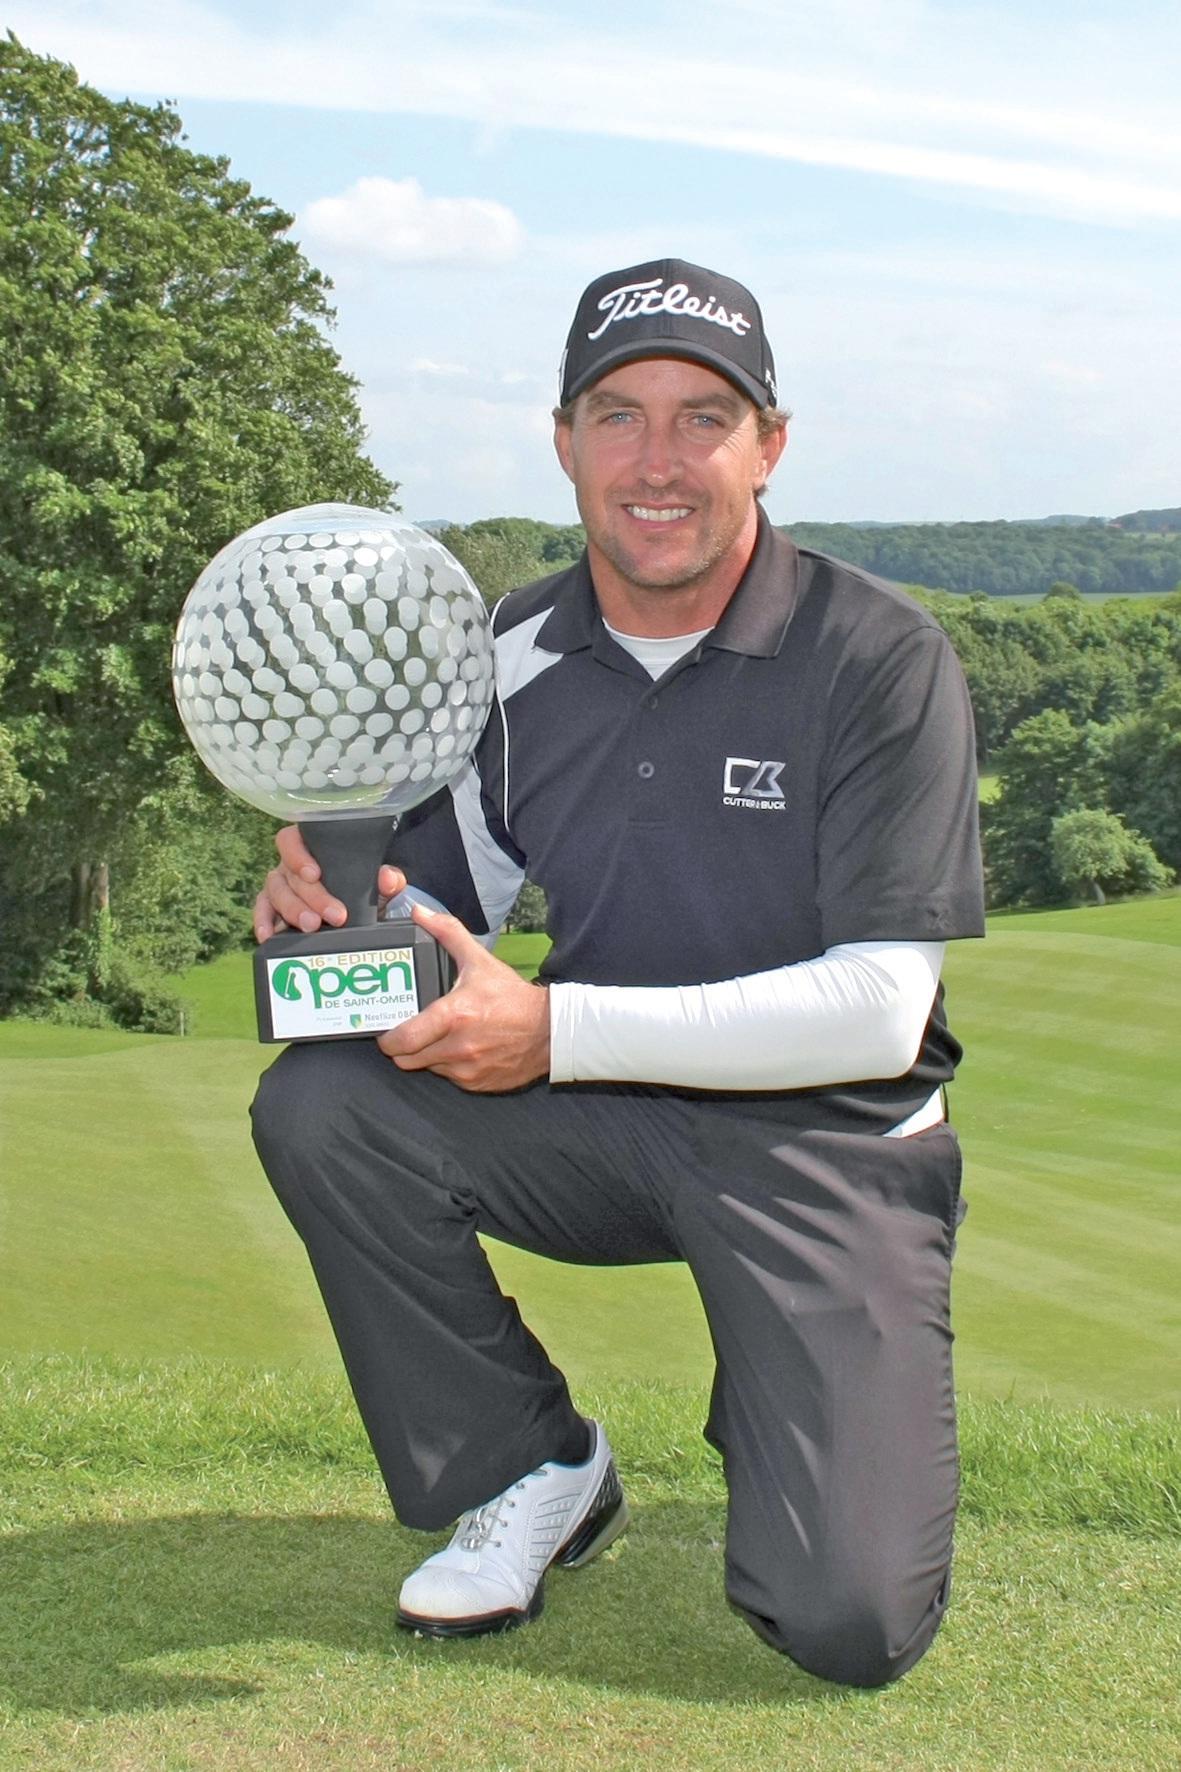 Fichardt présente le trophée du 16e Open.